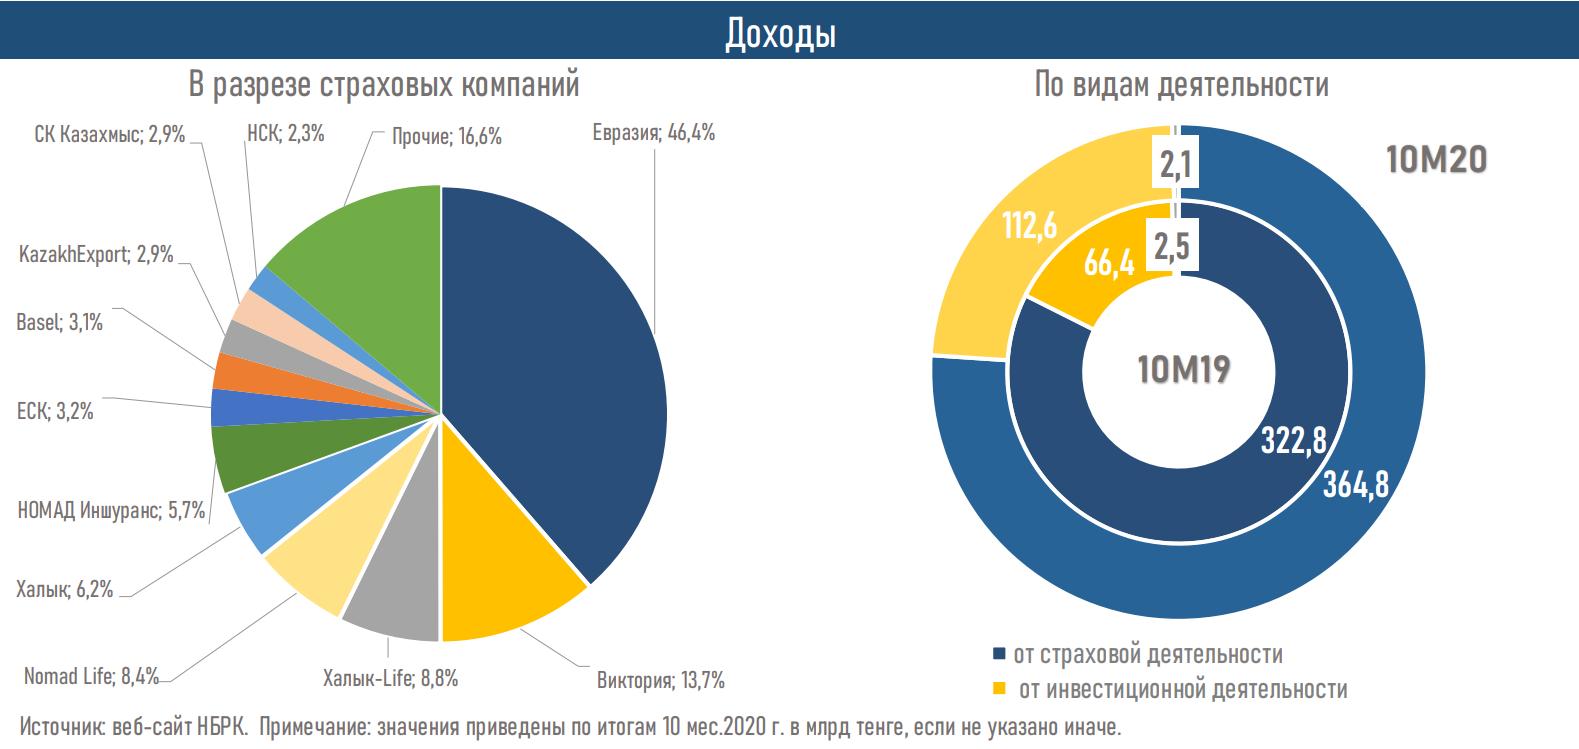 Активы страховых компаний выросли до 1 459,8 млрд тенге 532165 - Kapital.kz